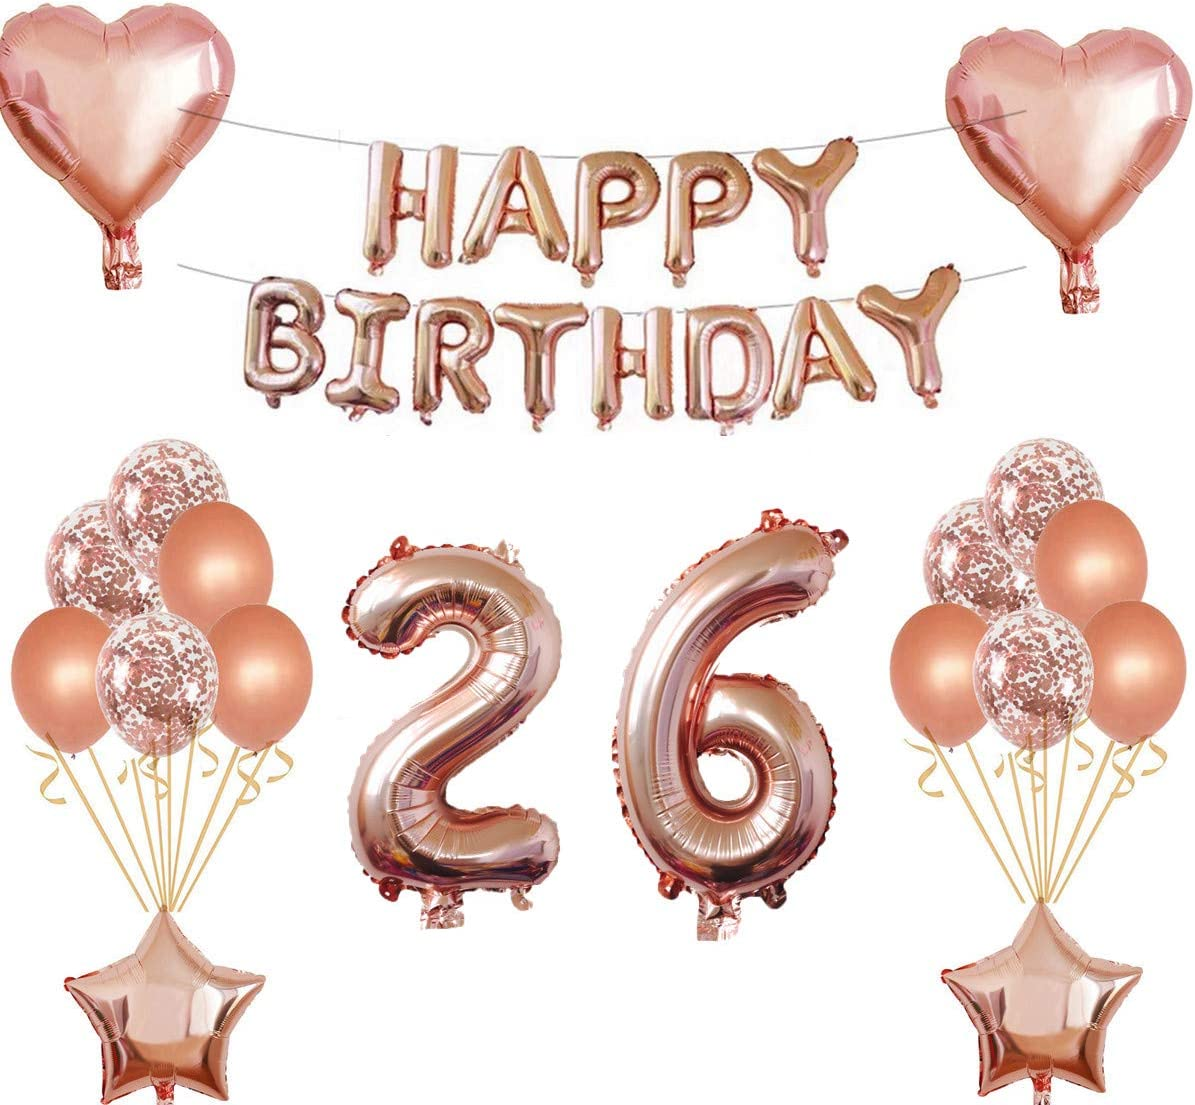 Oumezon 23 compleanno ragazza decorazione oro rosa 23/° compleanno decorazione per ragazze ragazzi Happy Birthday ghirlanda Banner Palloncino Coriandoli palloncini decorazione